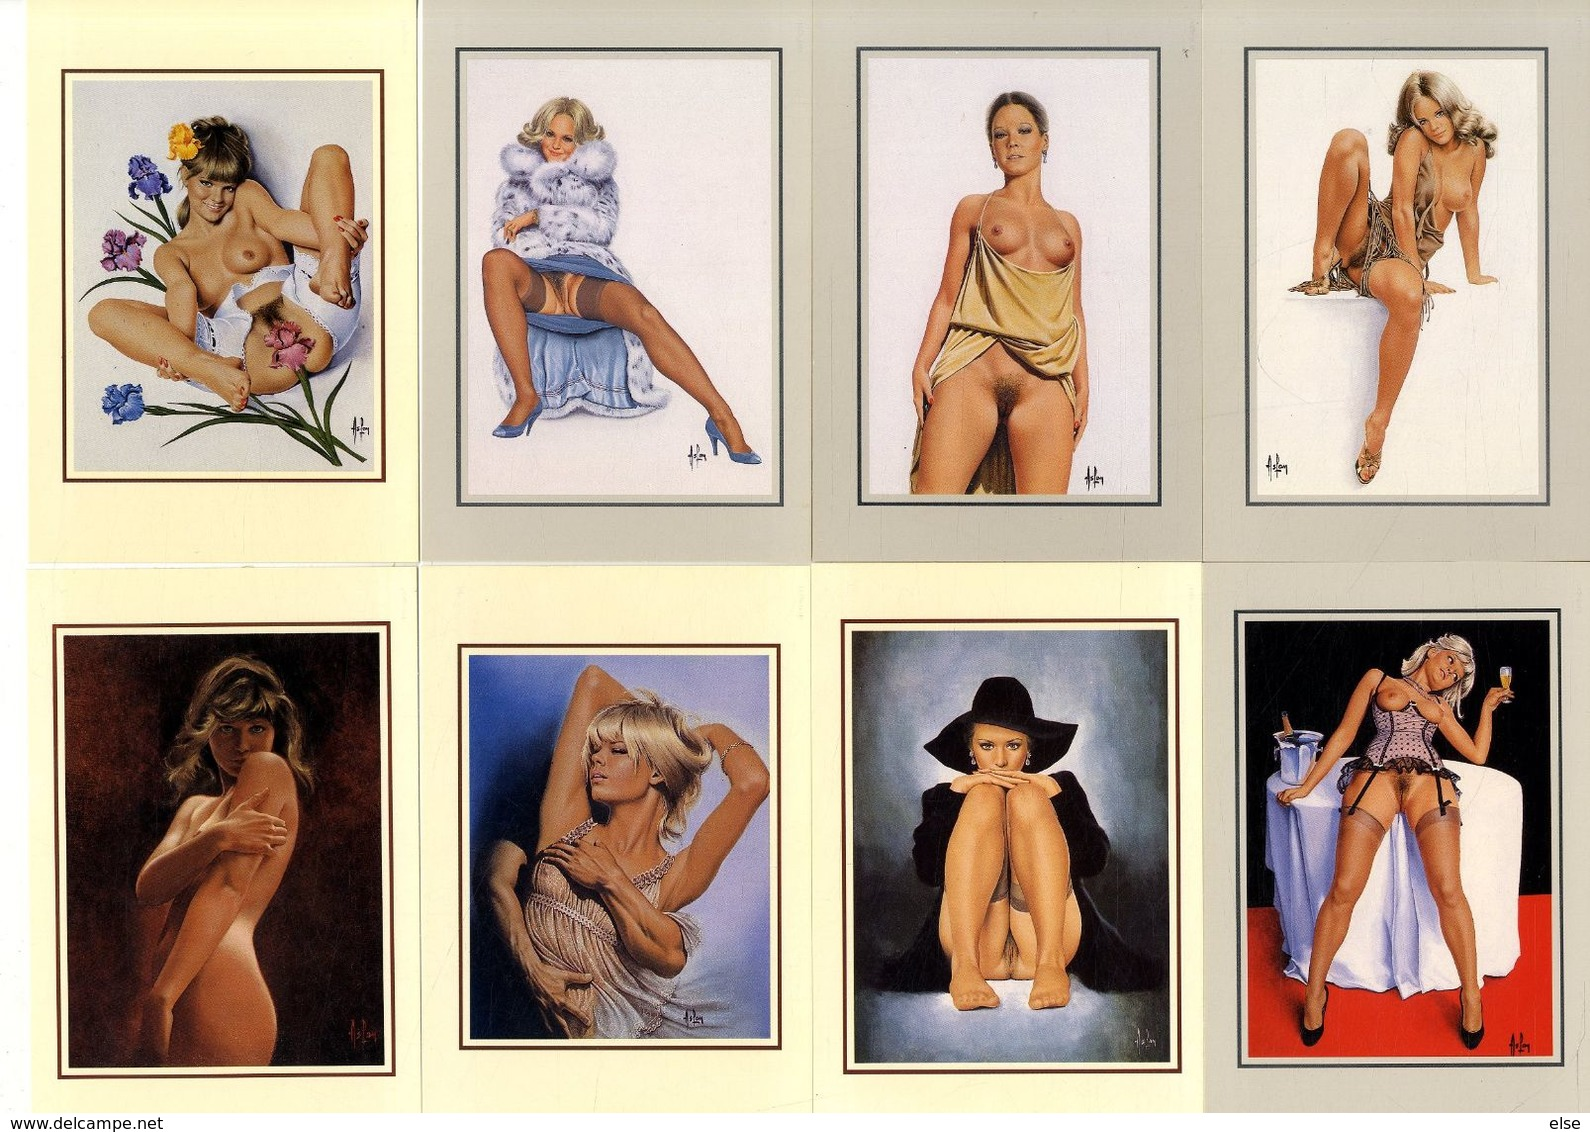 ASLAN   SERIE   12 CARTES 1991  -  TIRAGE LIMITE   EDITIONS ASLAN - Aslan